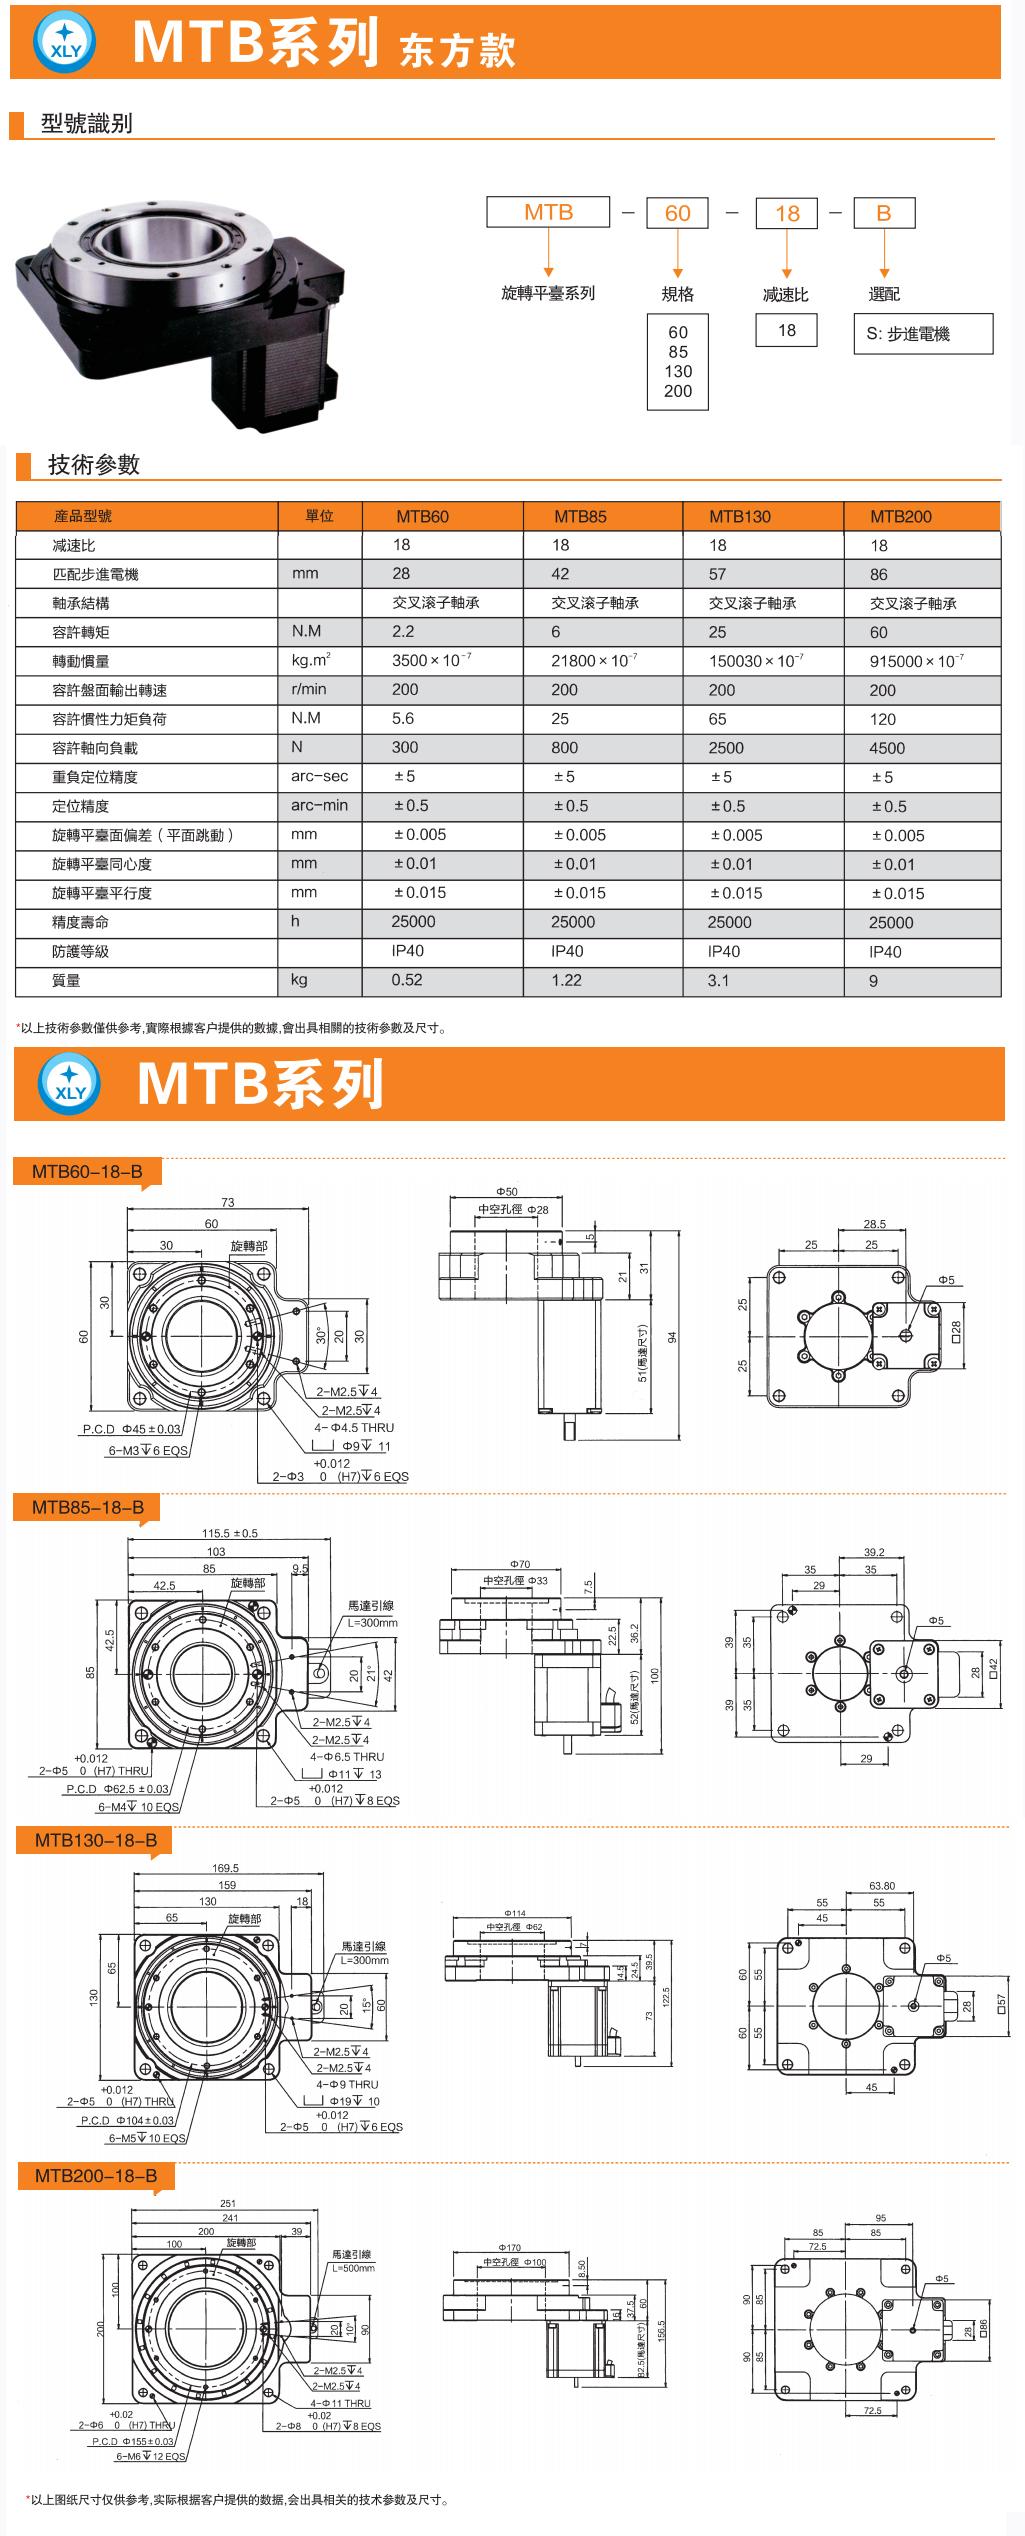 MTB.jpg